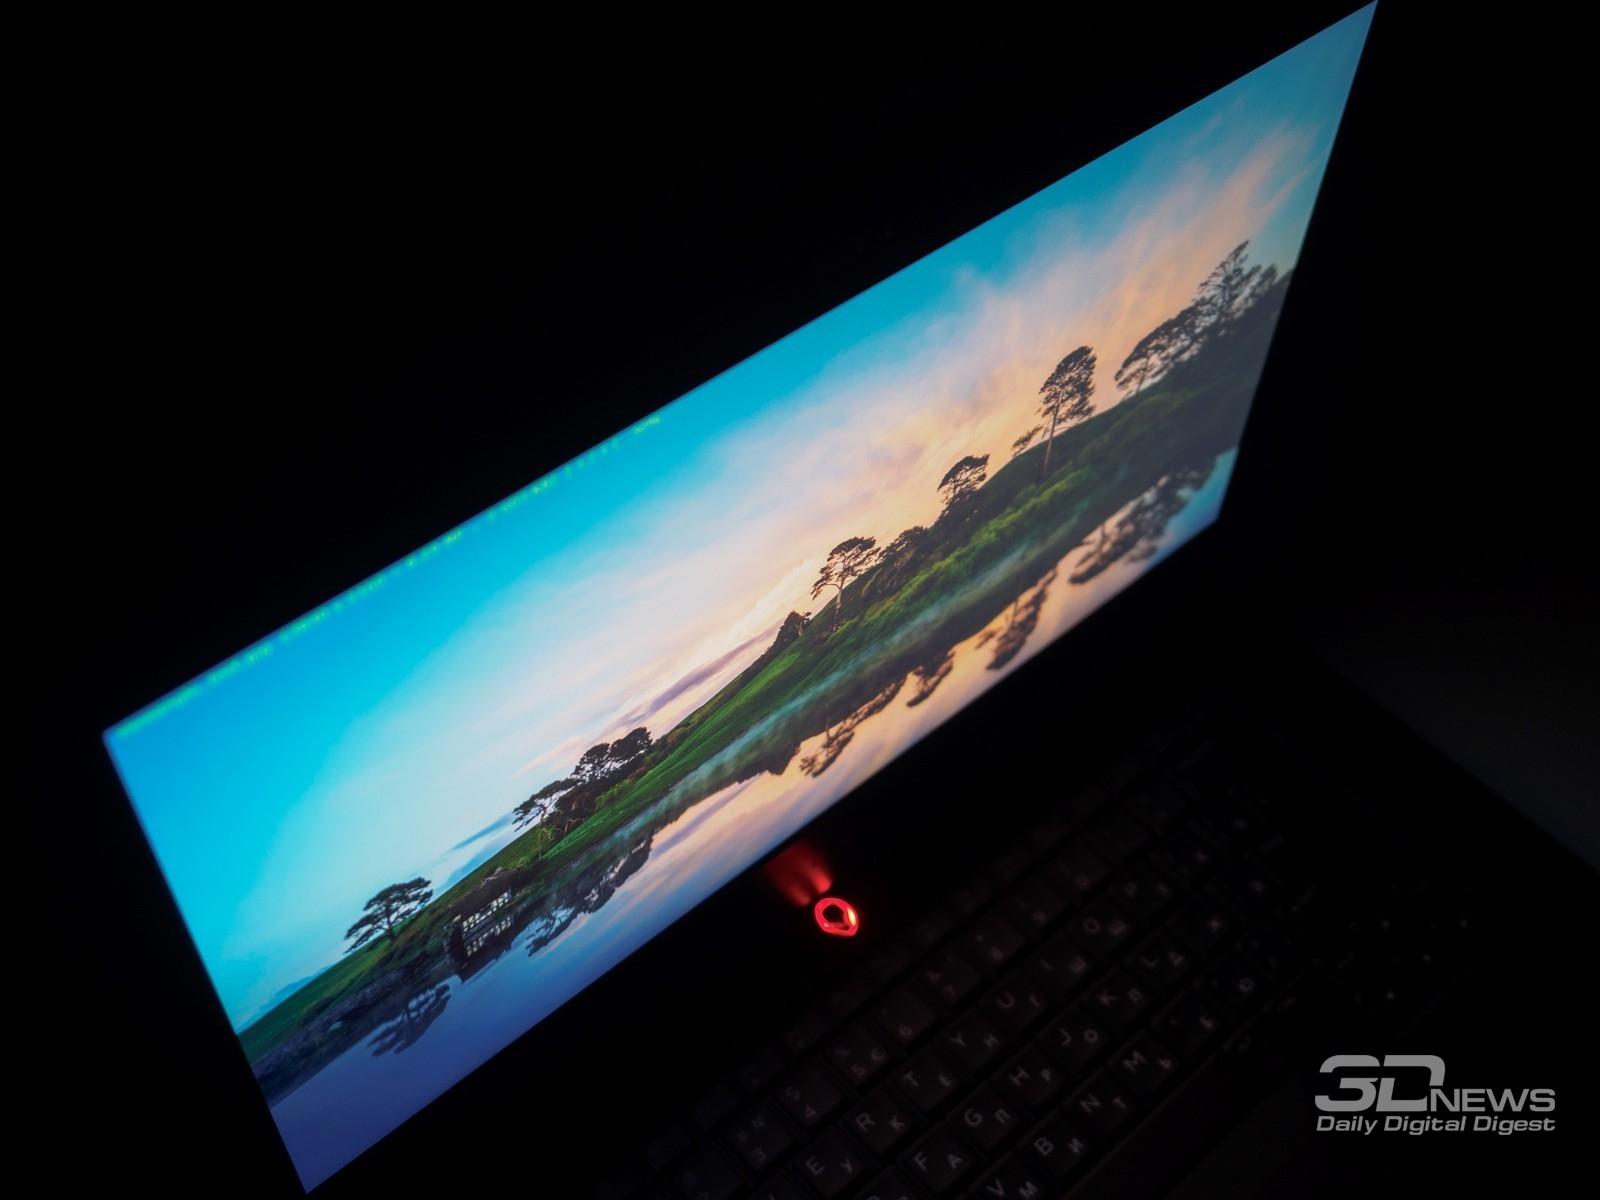 Новая статья: Обзор игрового ноутбука DellAlienware15R3: сделаем по-новому!